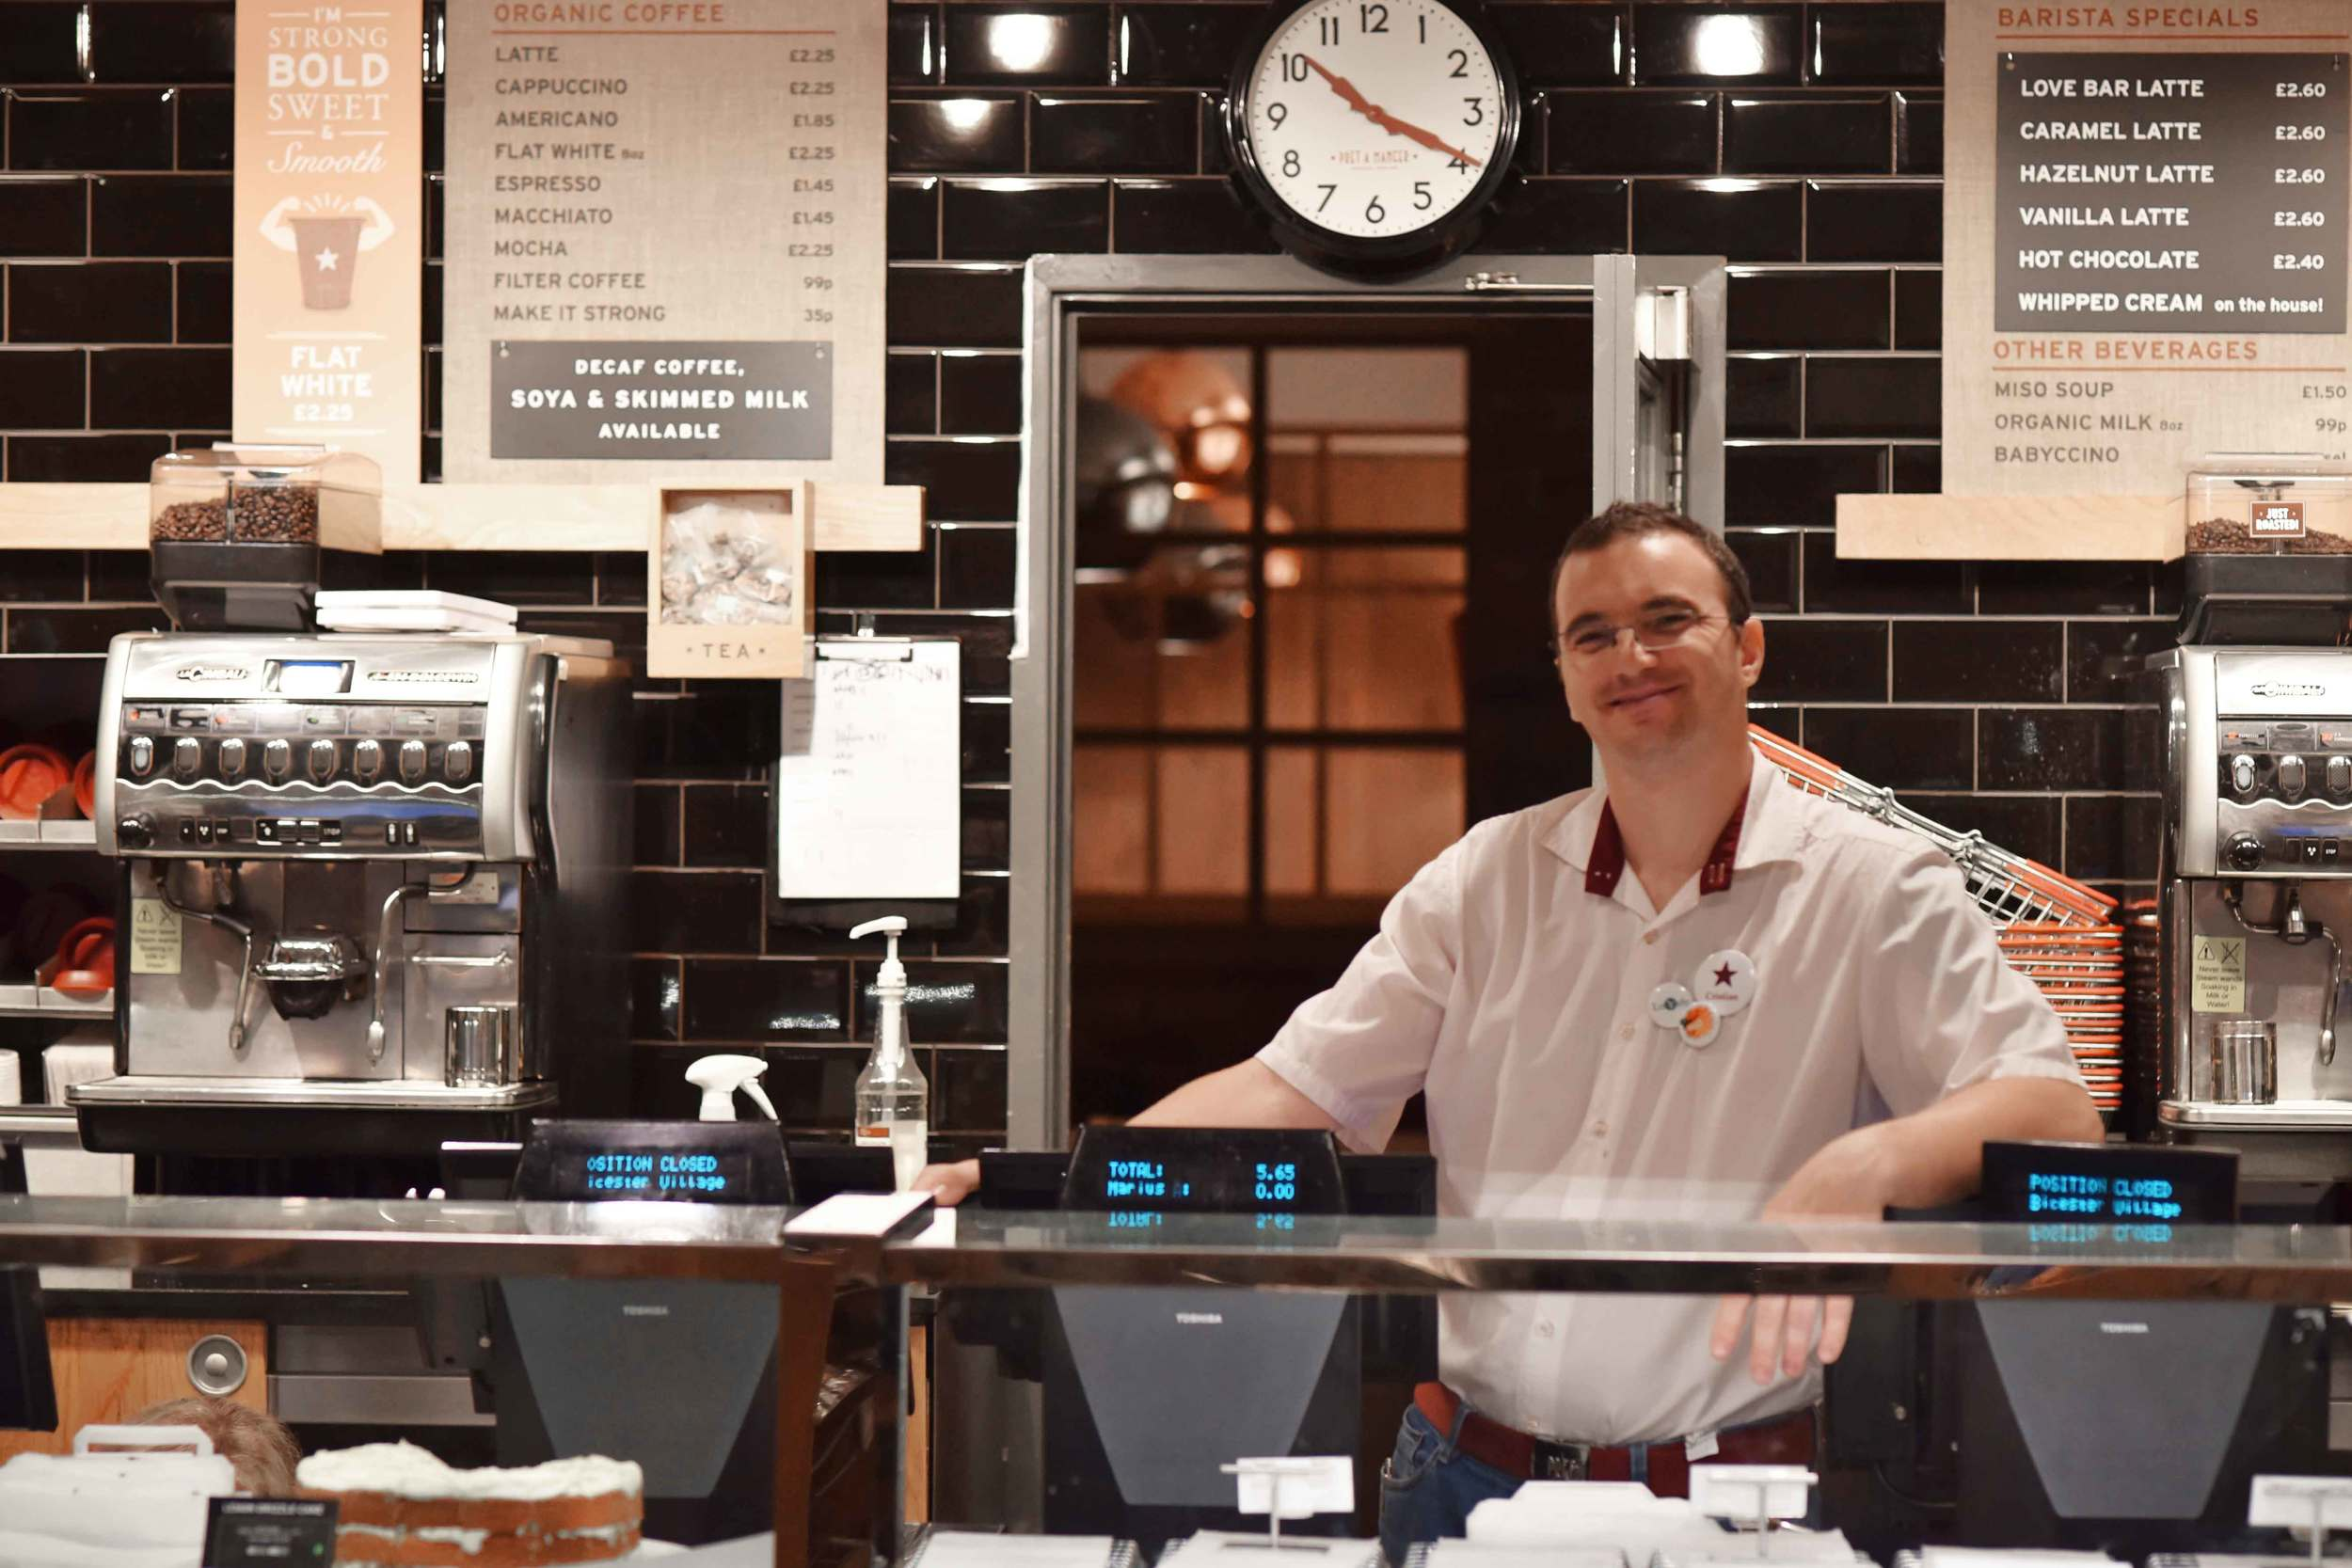 Pret a Manger, Bicester village, designer shopping outlet near London, UK. Image©sourcingstyle.com